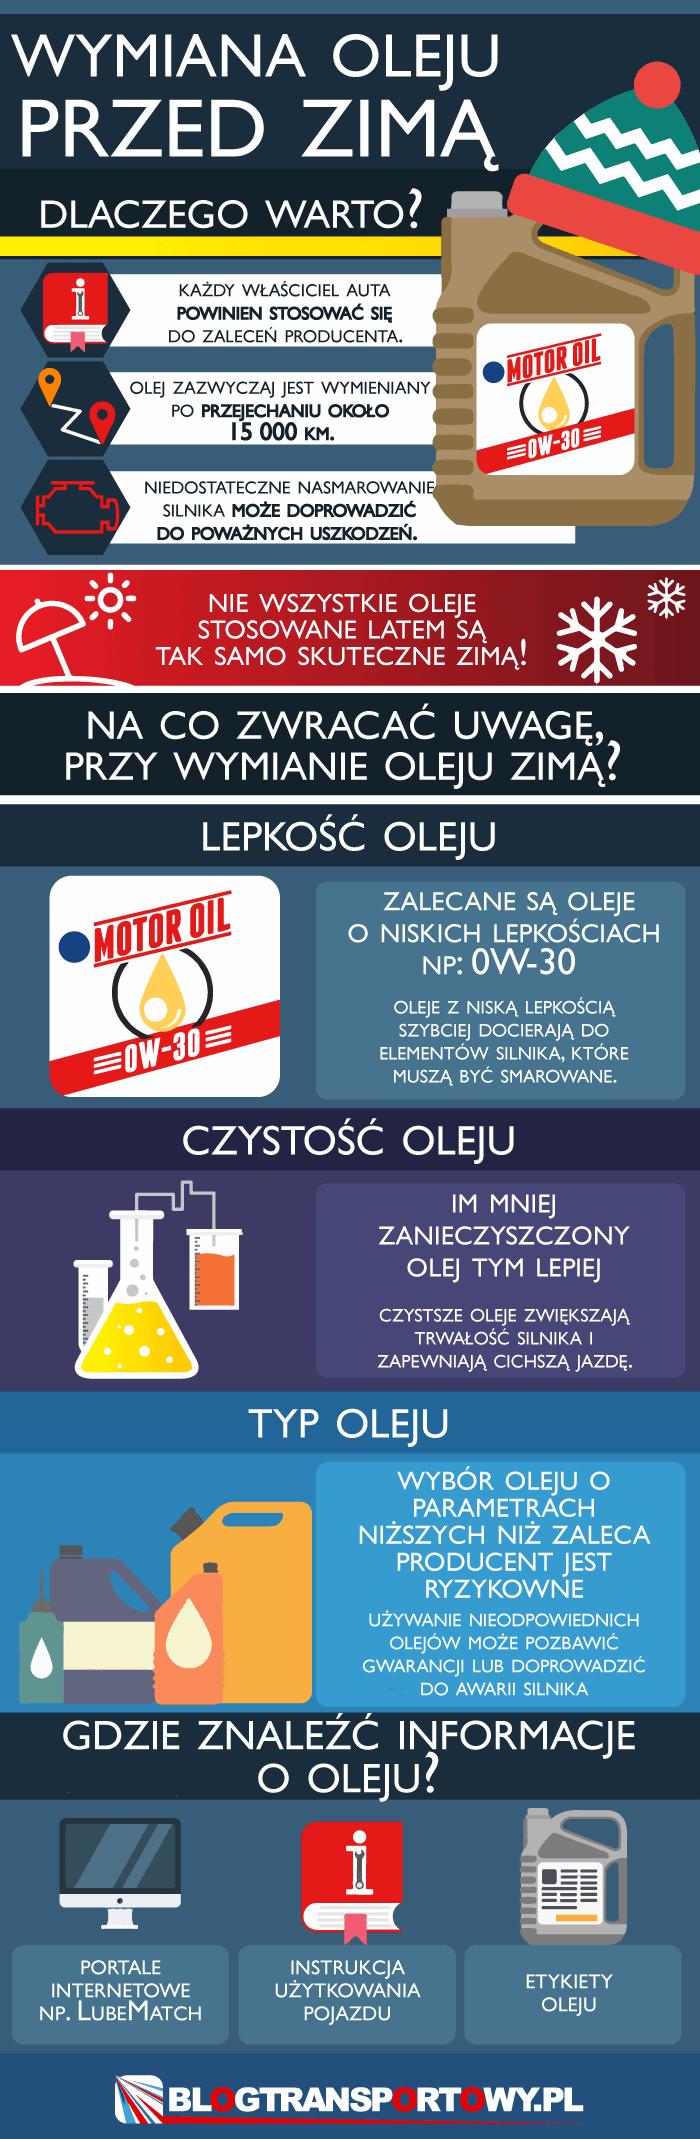 Dlaczego warto wymienić olej przed zimą?